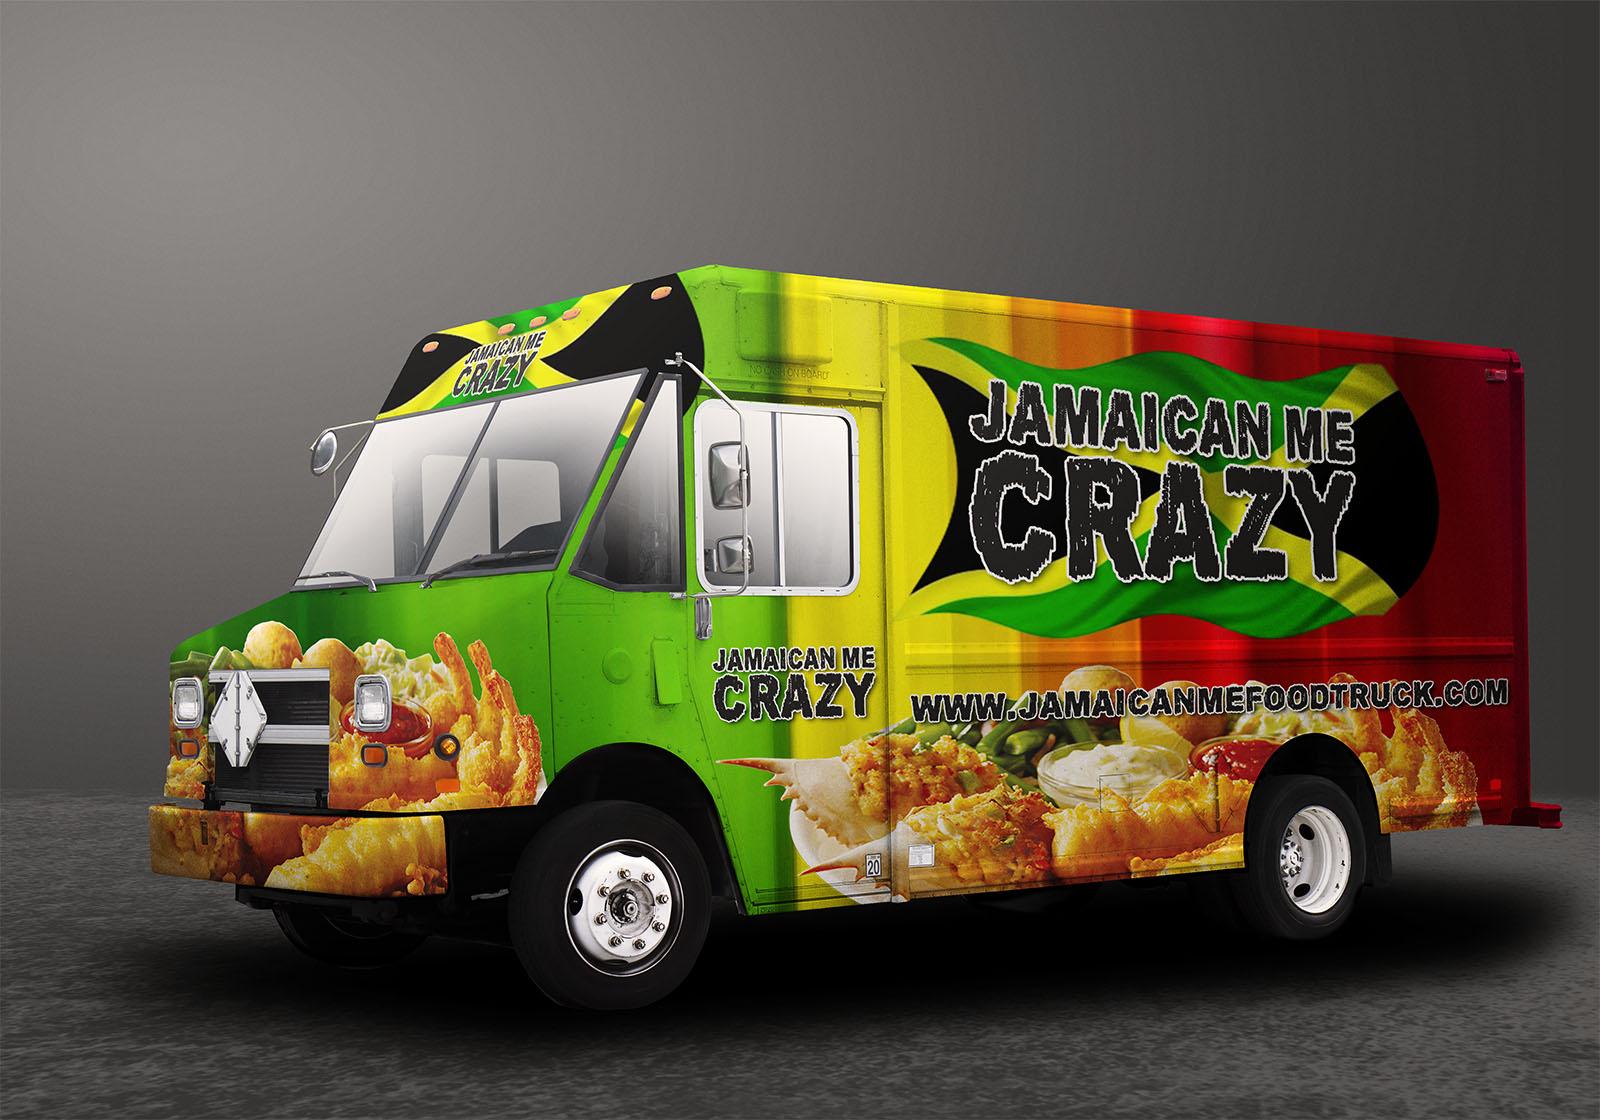 jamaica food truck wrap columbus ohio